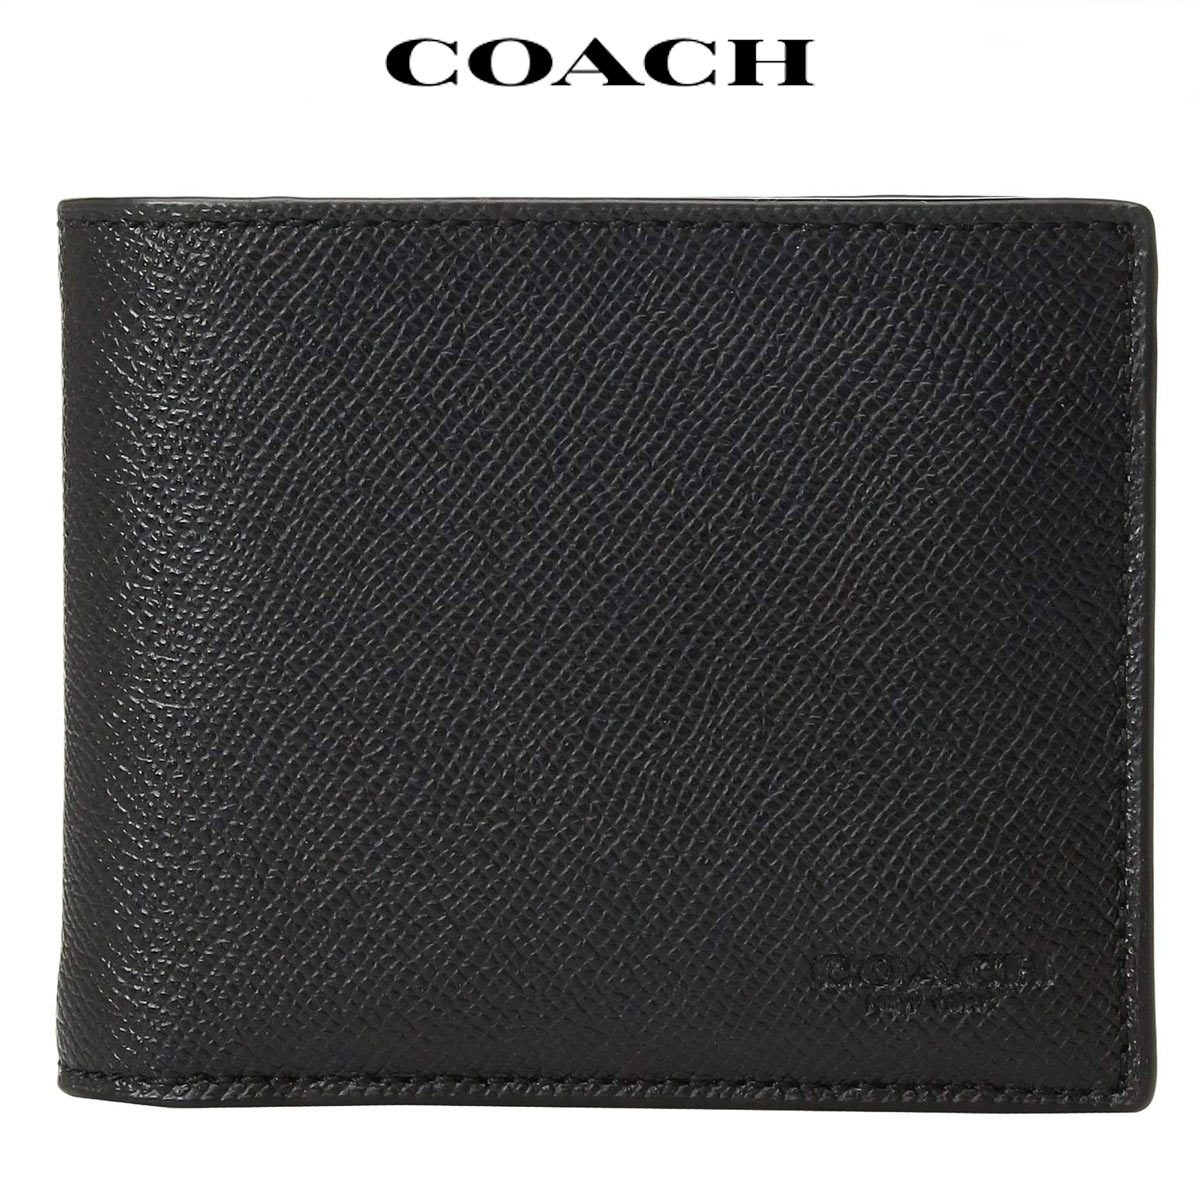 コーチ 財布 メンズ 二つ折り アウトレット idケース カード Coach